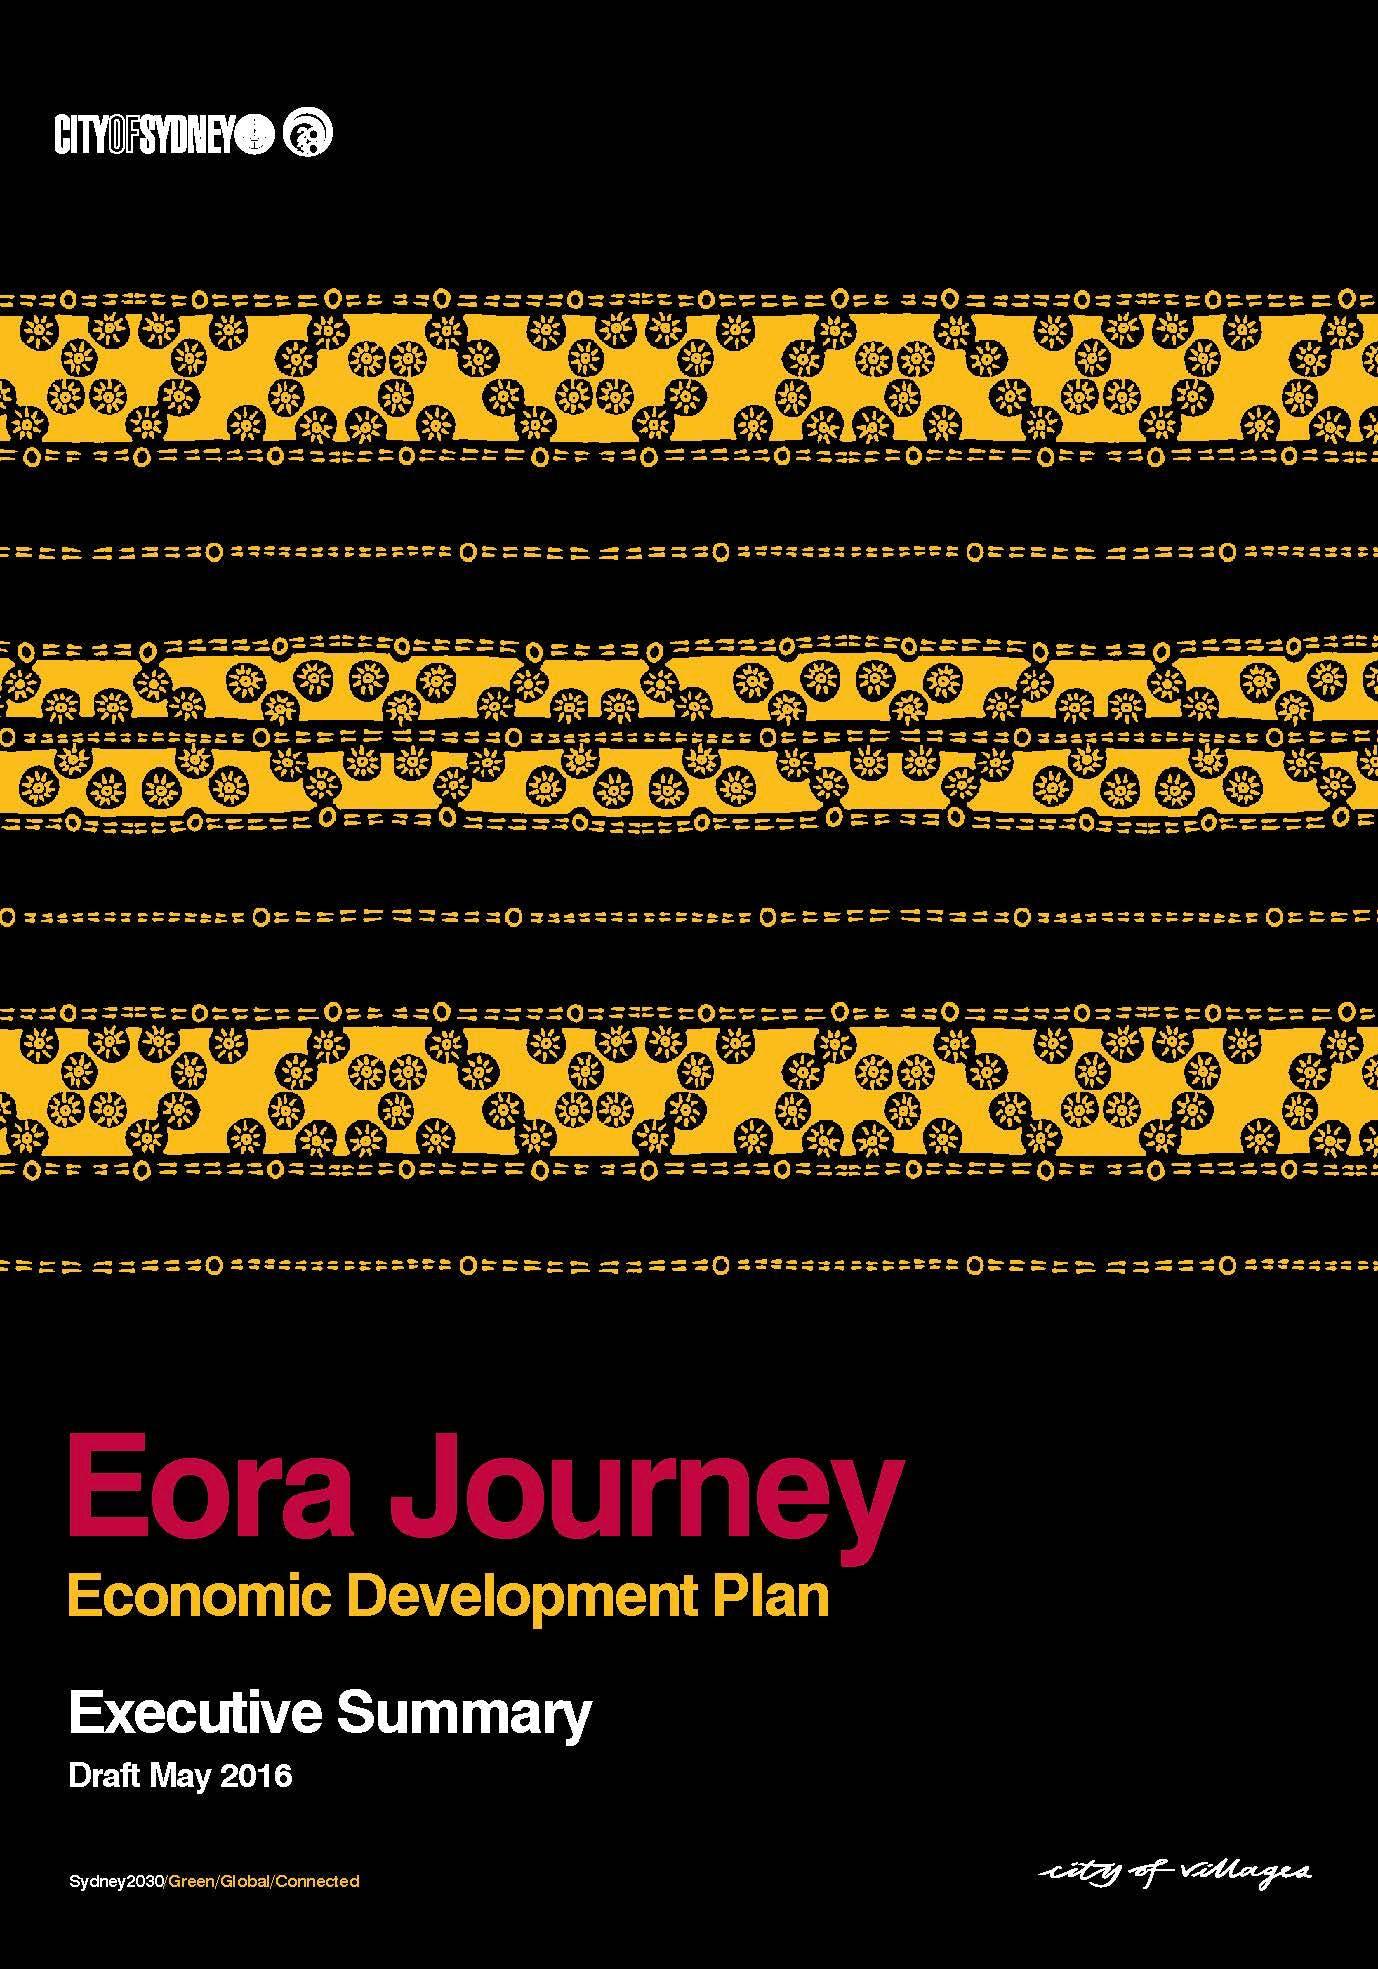 Eora Journey Economic Development Action Plan